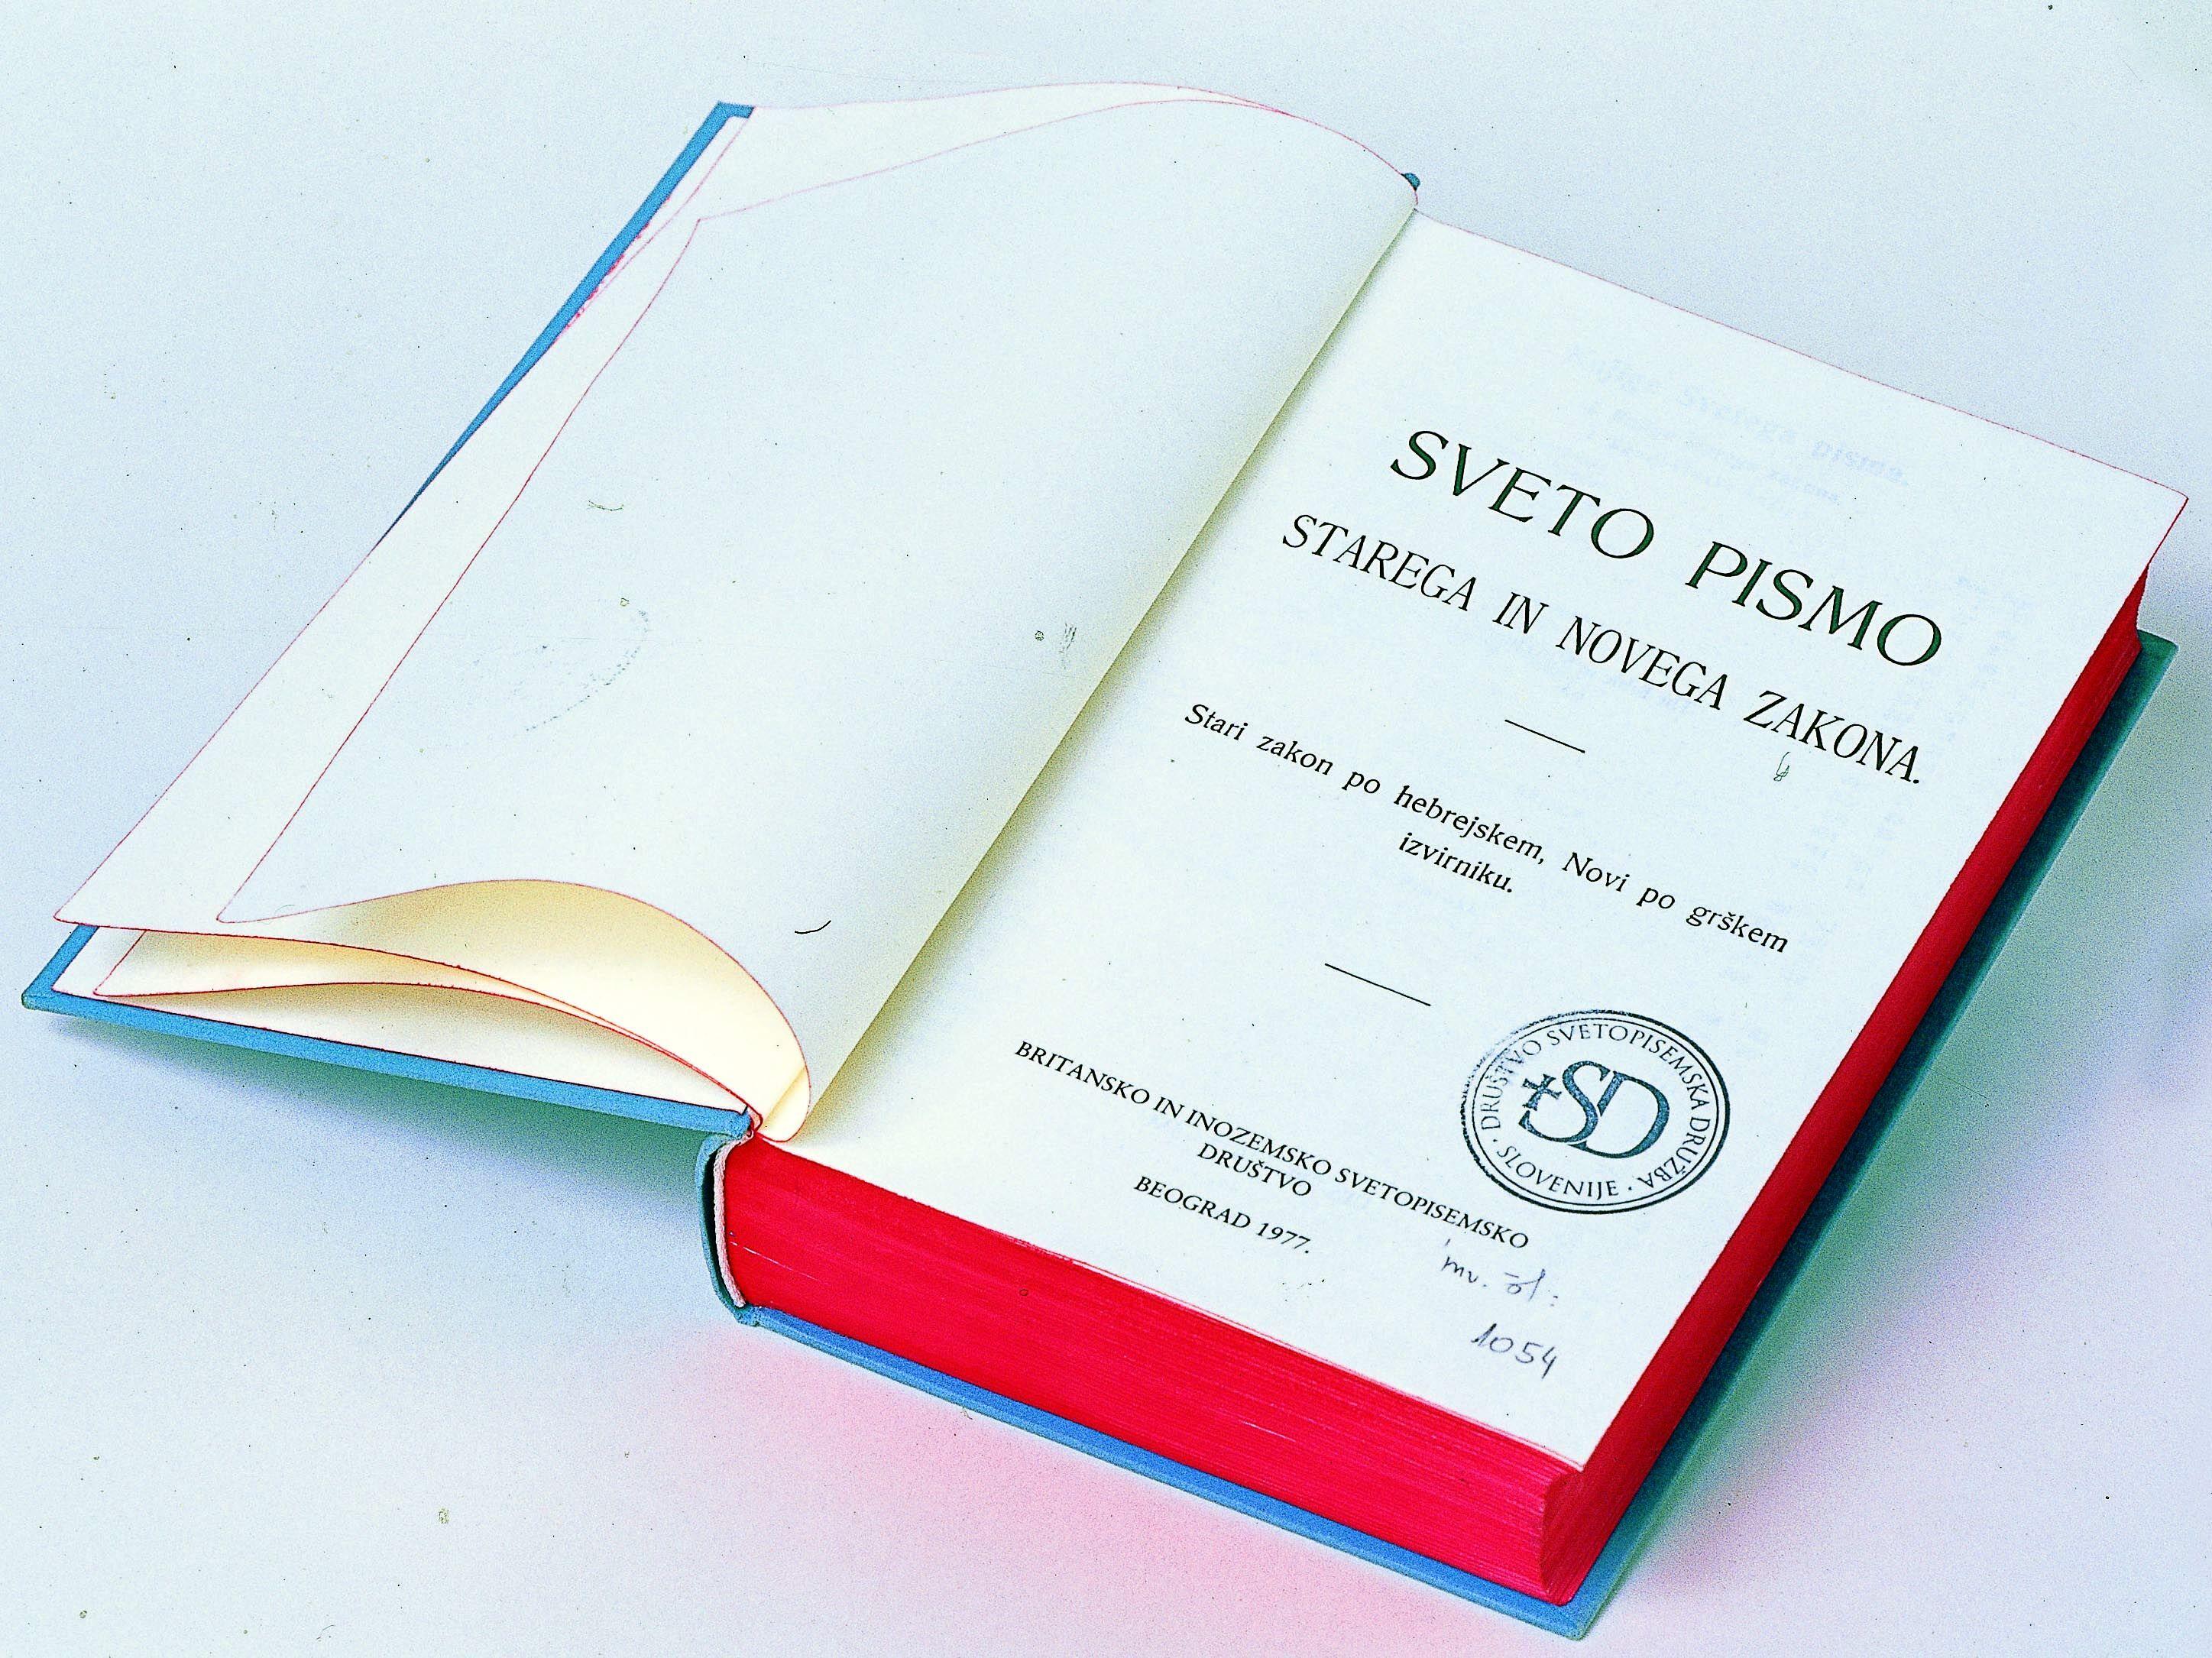 Sveto pismo, ponatis iz leta 1977